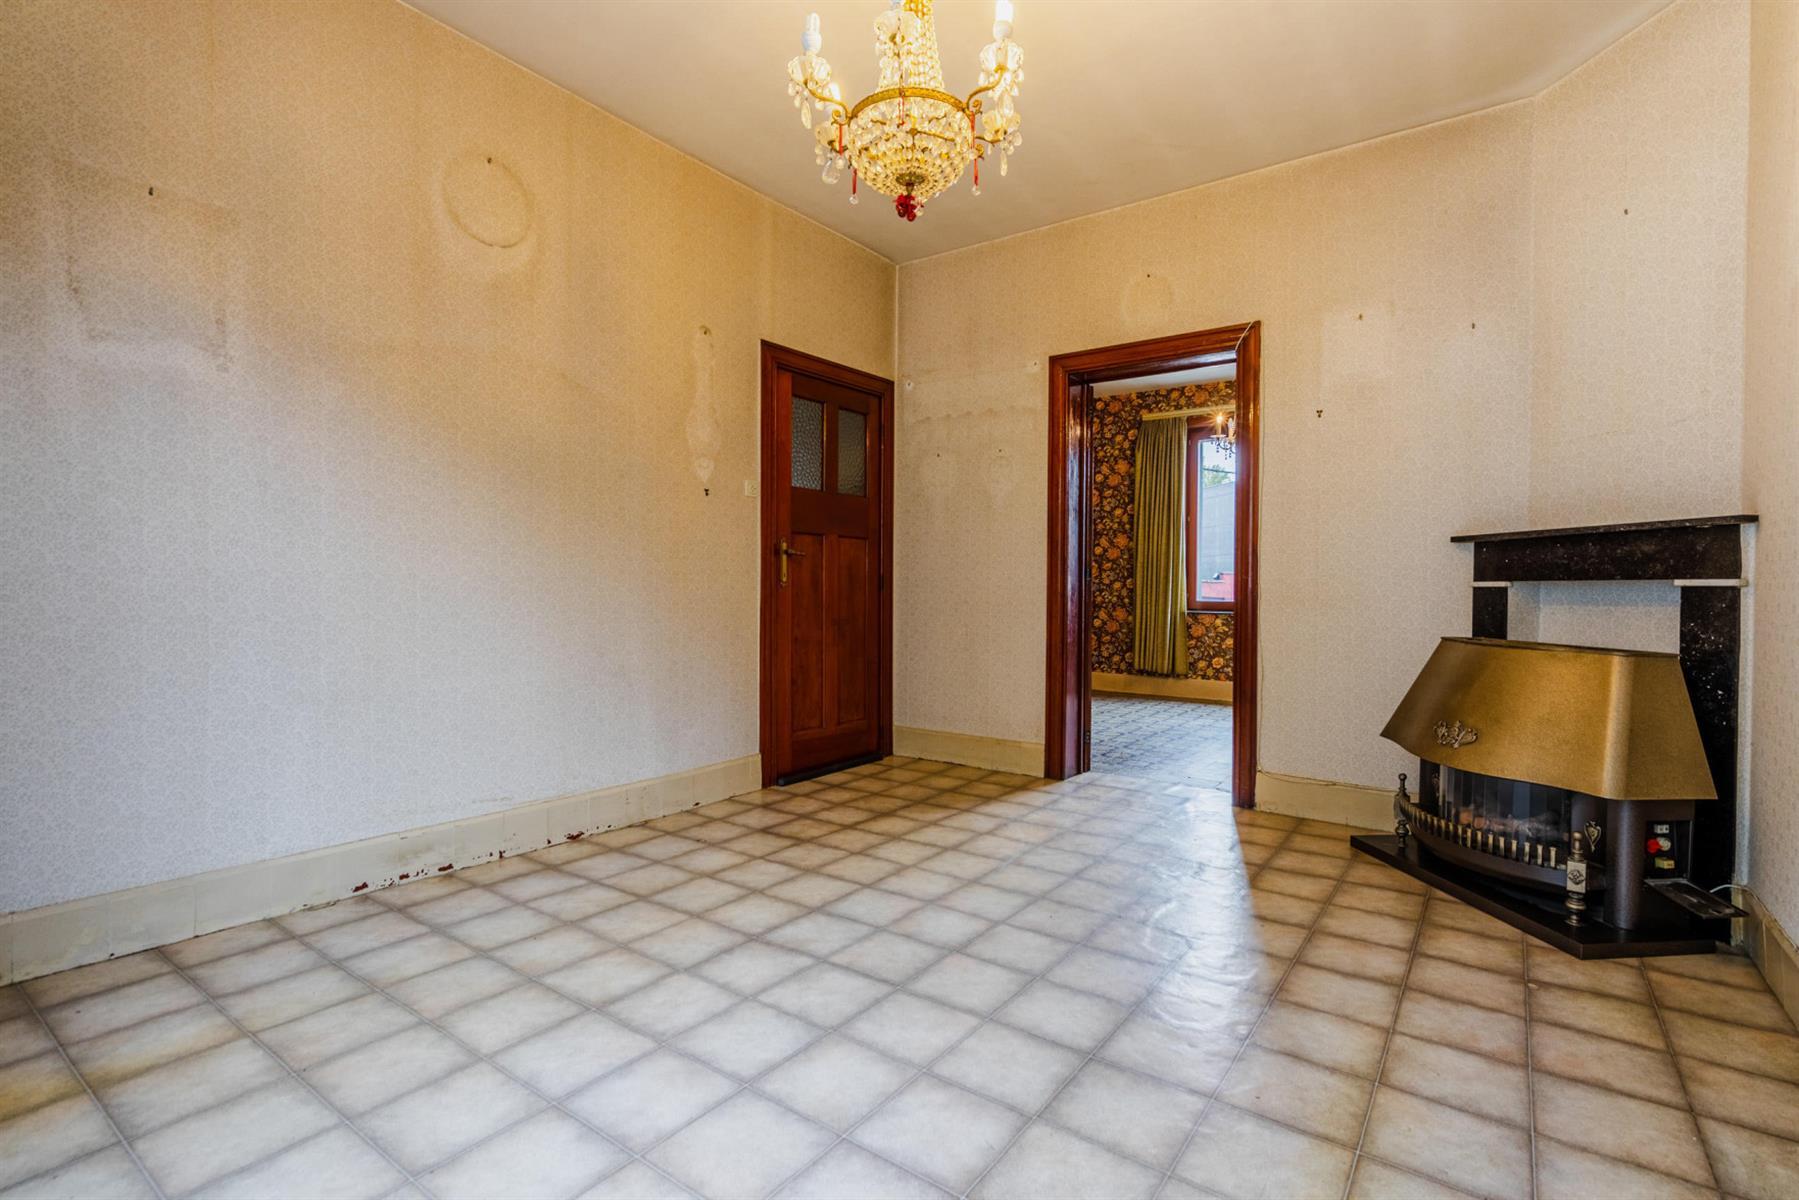 Maison - Court-saint-Étienne - #4518416-4